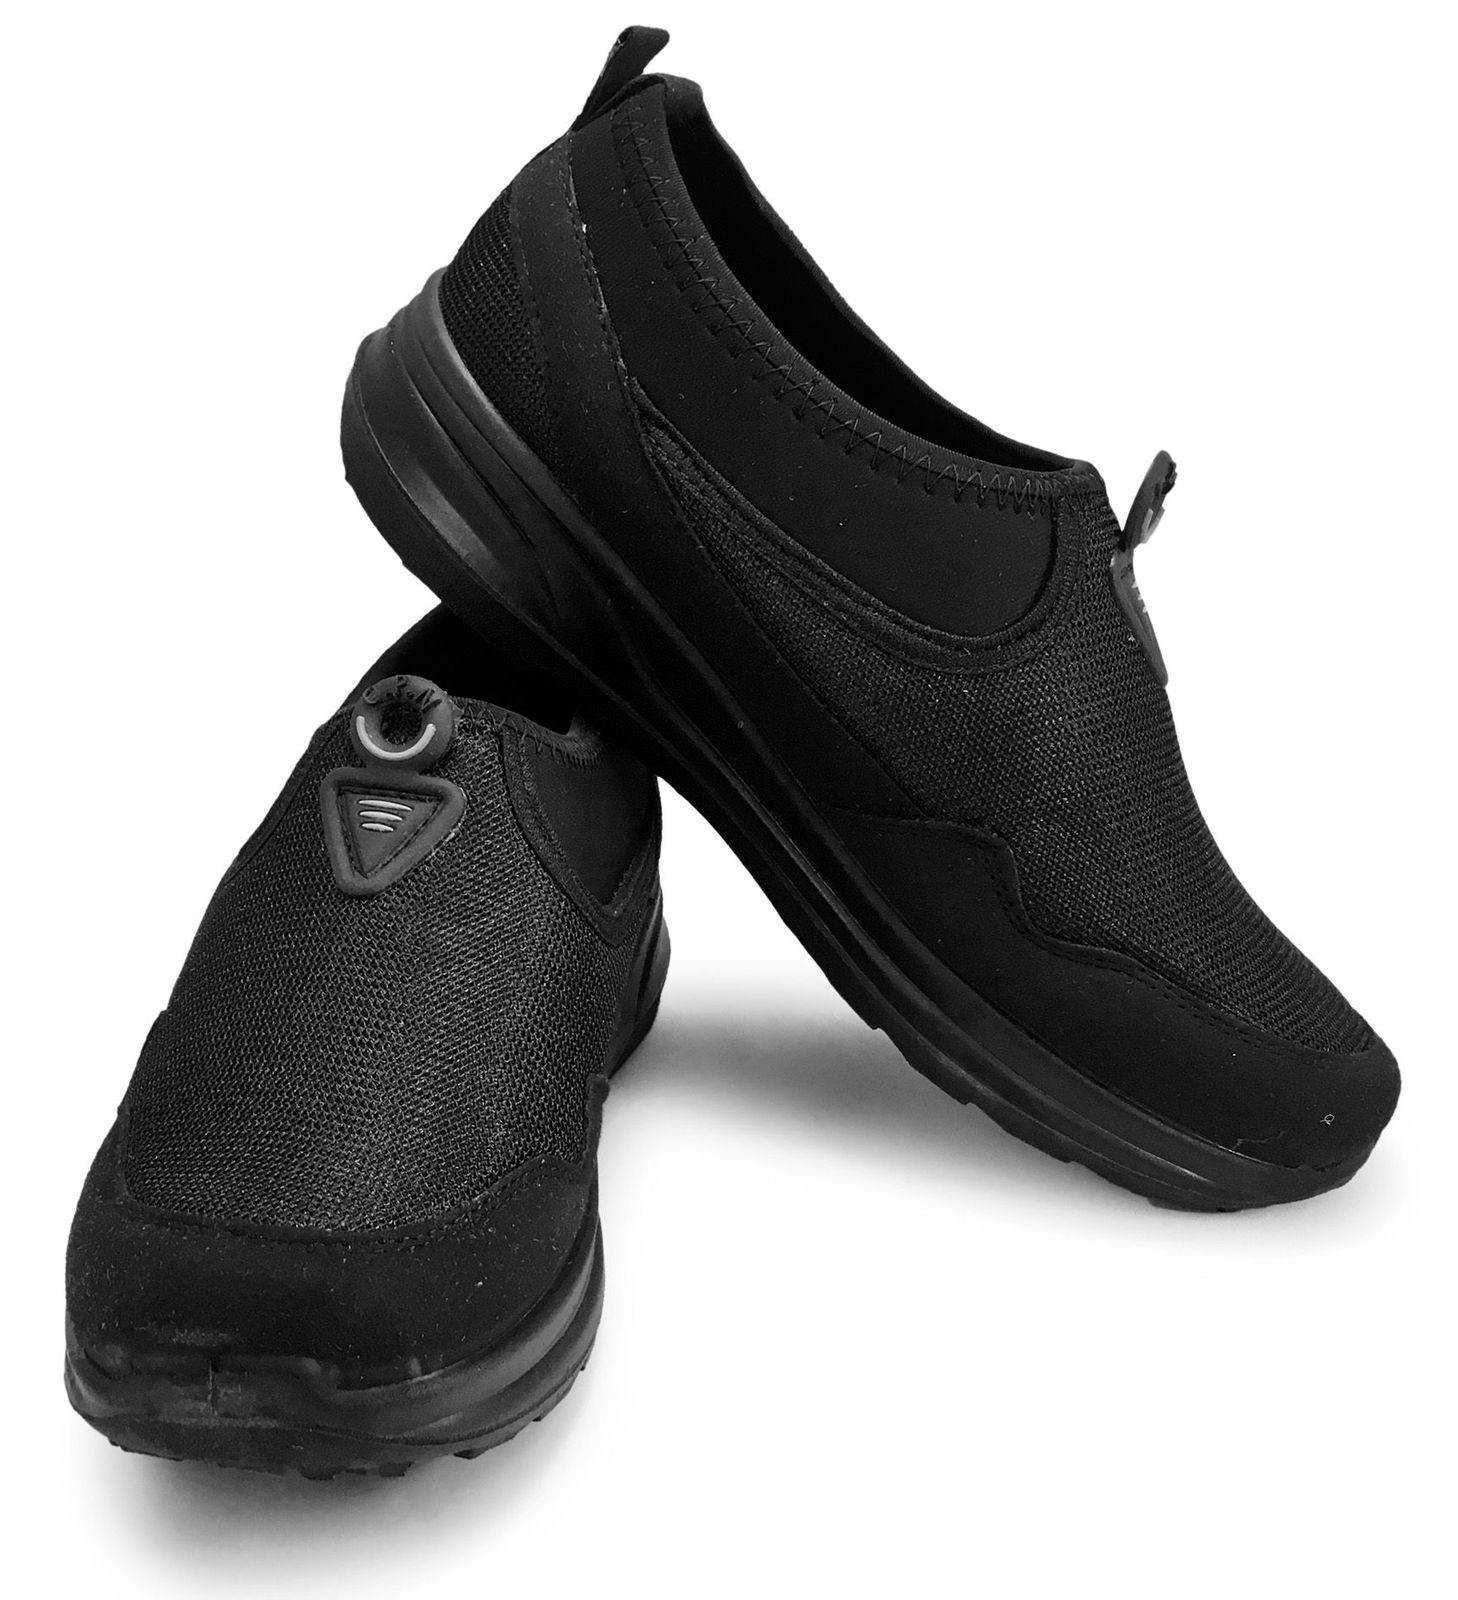 کفش مخصوص پیاده روی زنانه چپان کد 3665 main 1 4